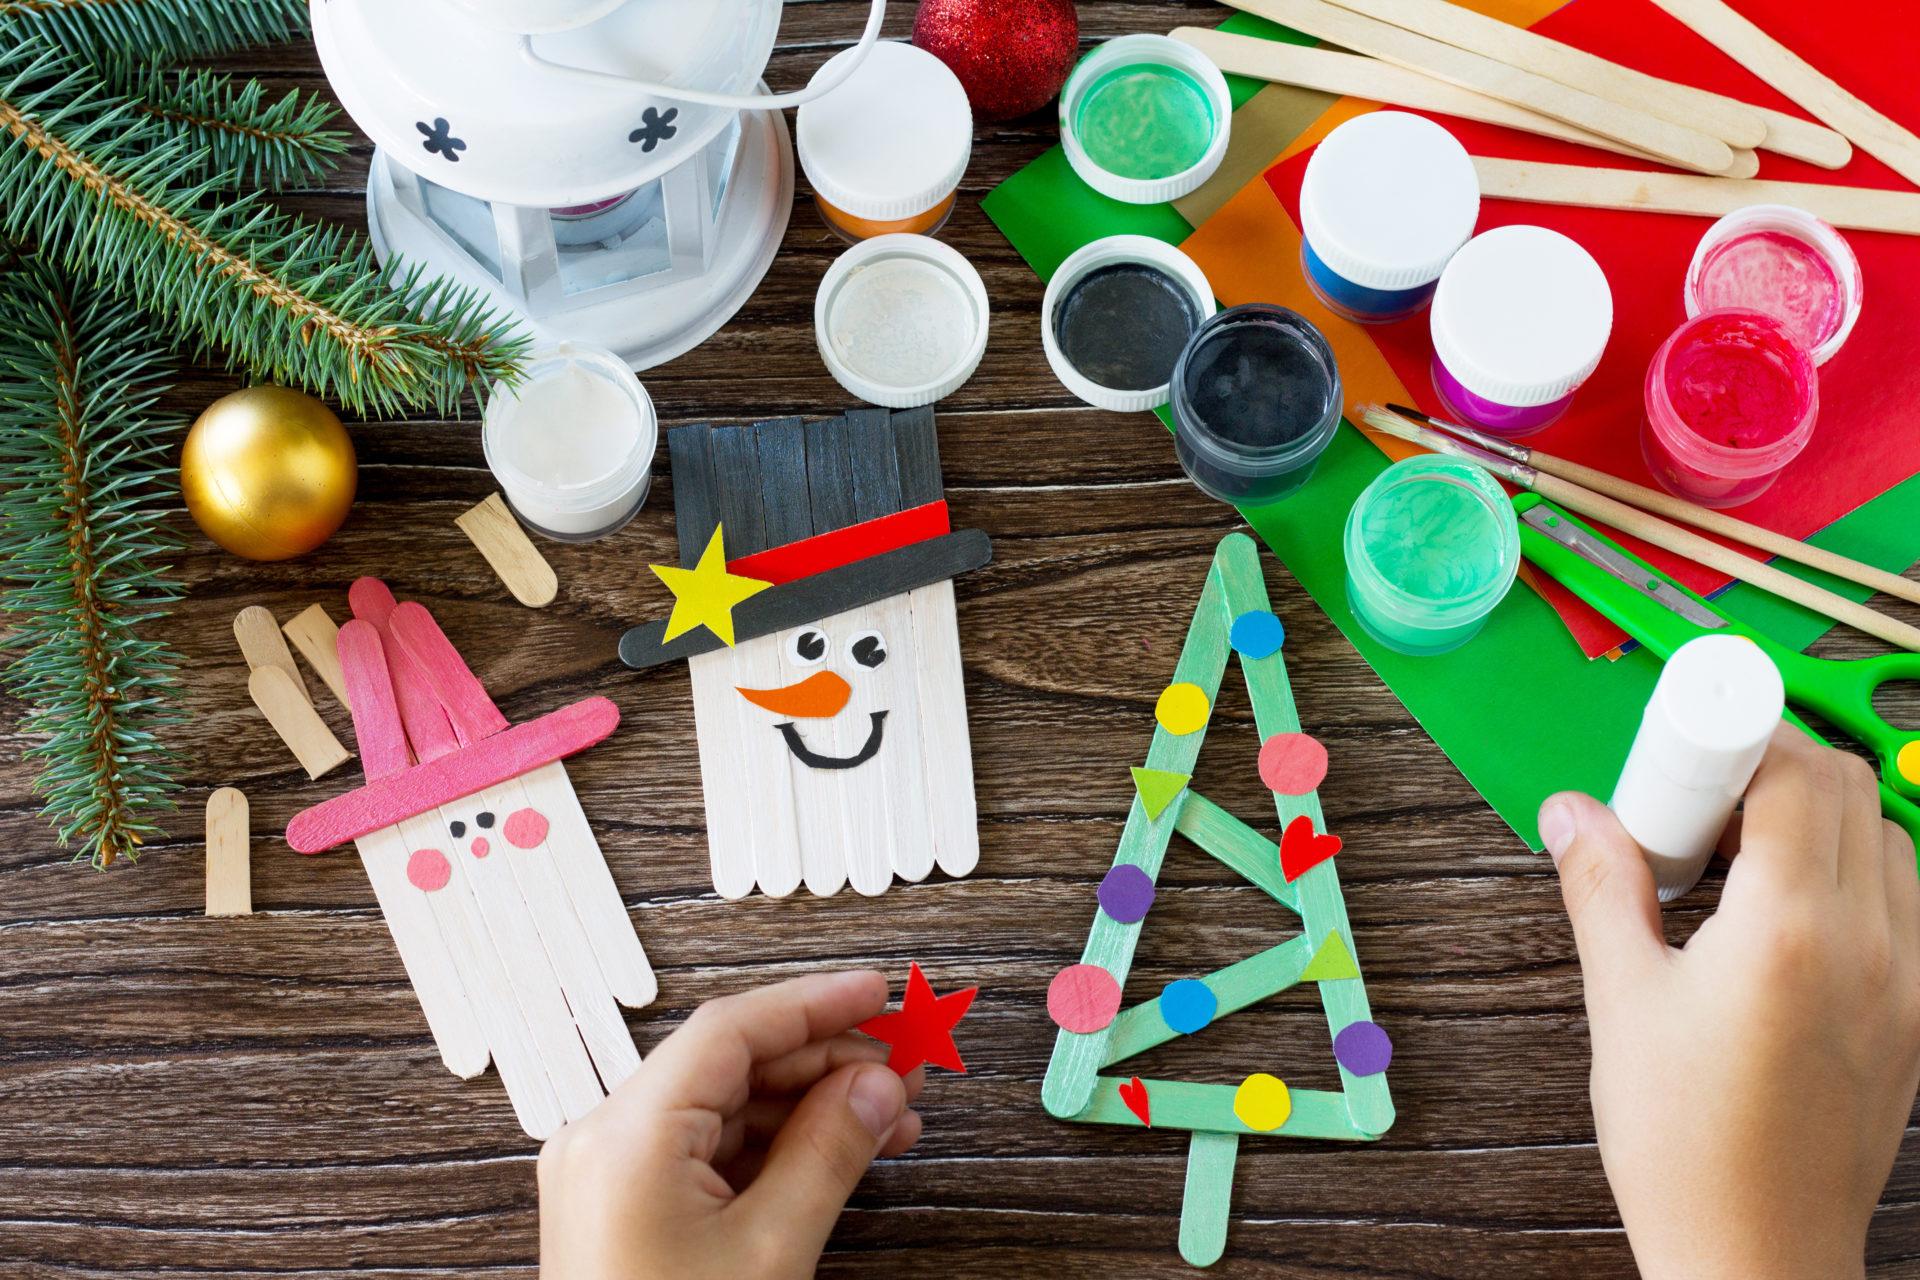 Décorer Son Sapin De Noël Avec Des Objets Fabriqués Par Les concernant Activités Manuelles 3 Ans Pour Noel